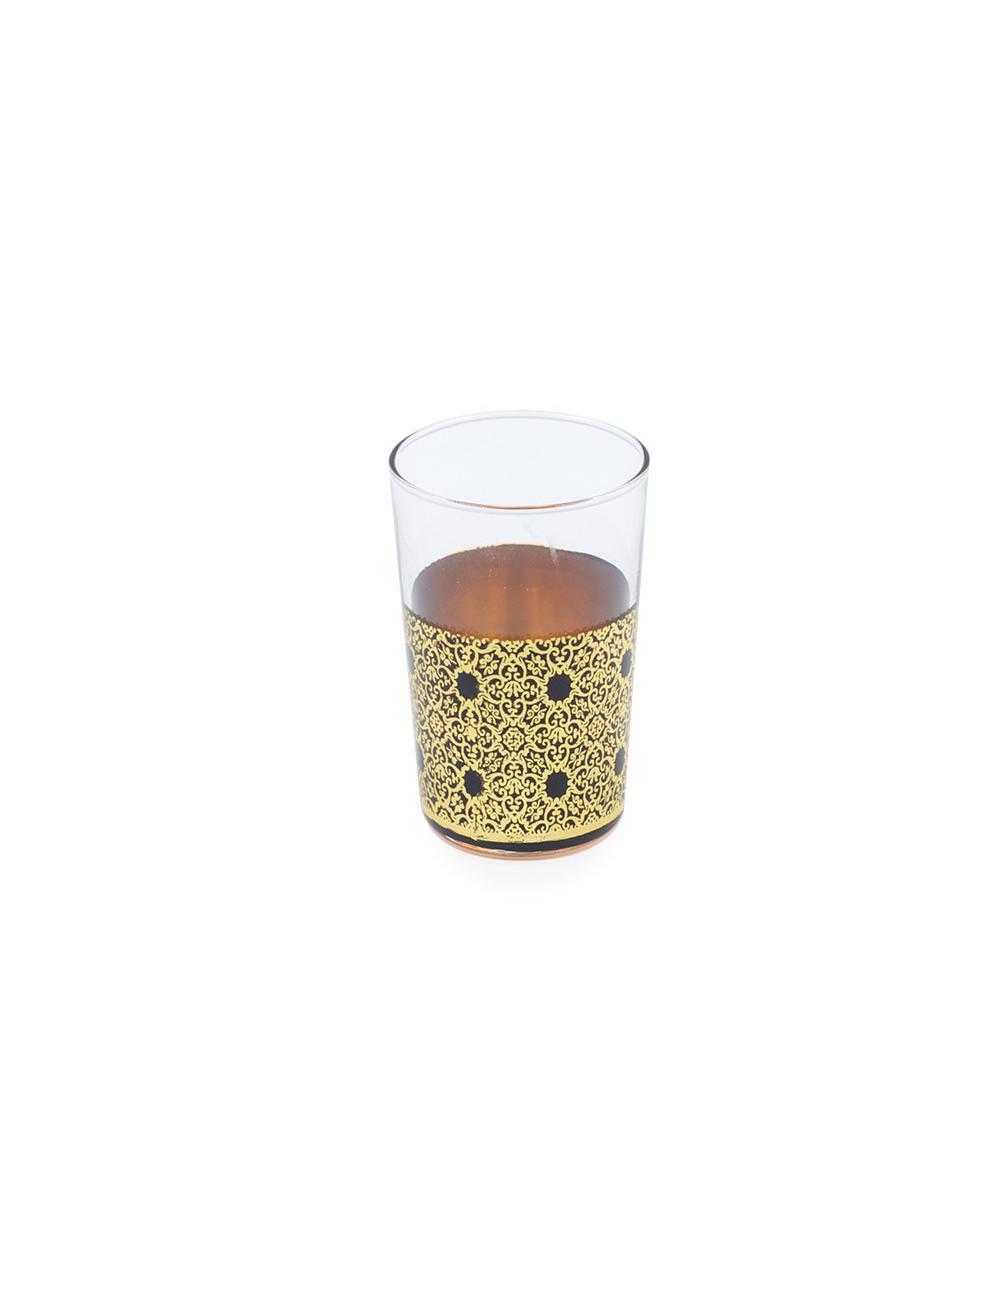 Bicchiere marocchino decorato in oro e nero - La Pianta del Tè acquista online